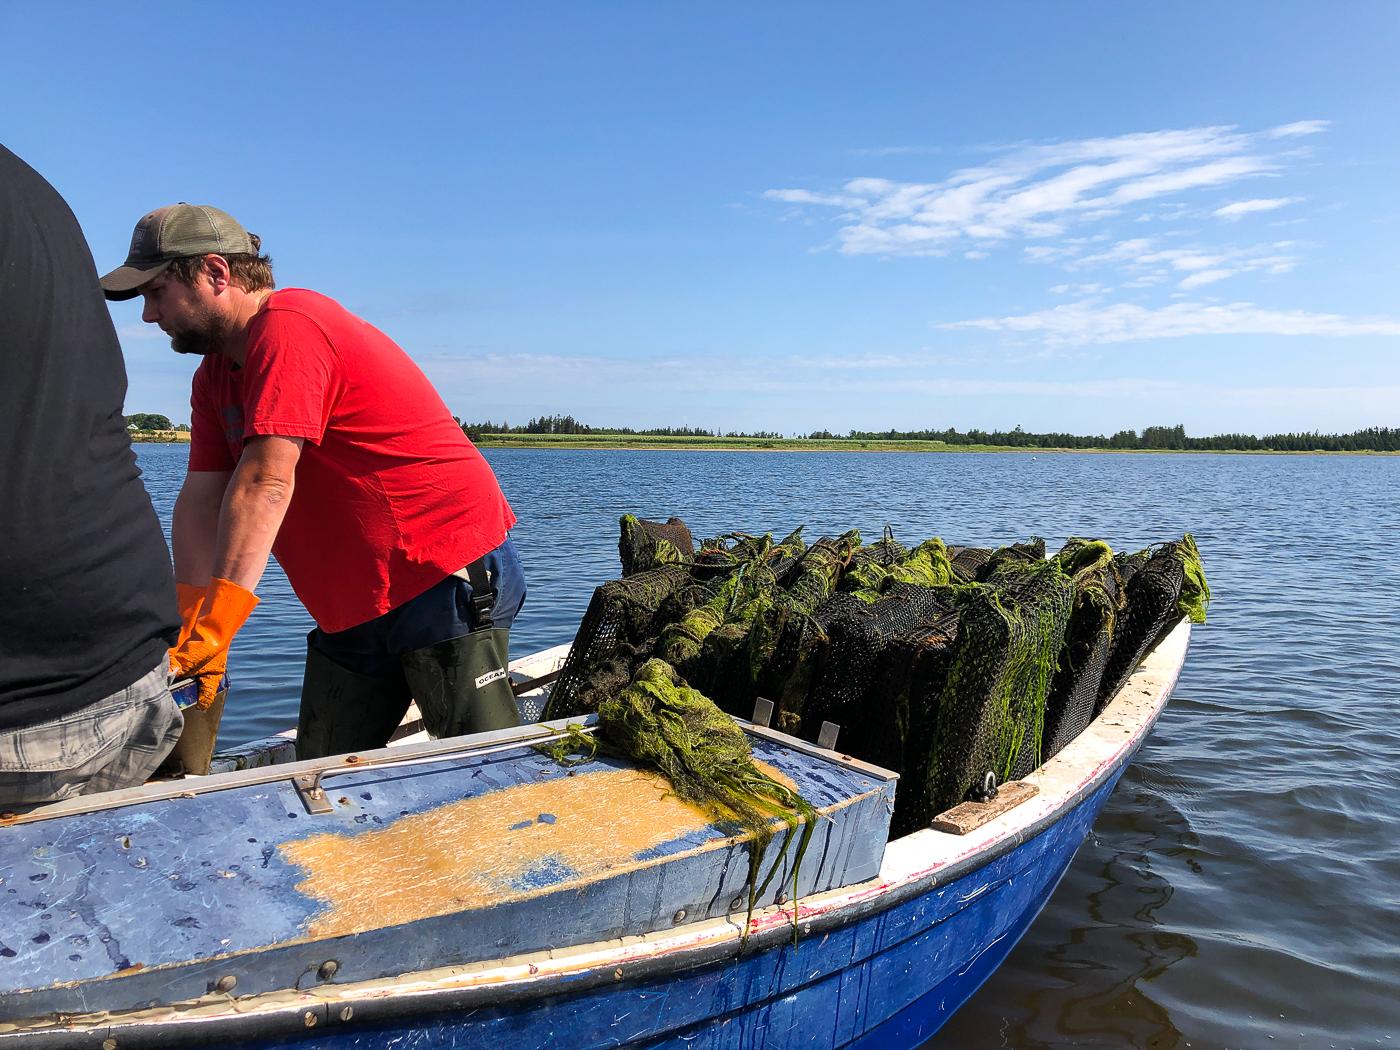 Pêcheurs en bateau pour la récolte d'huîtres